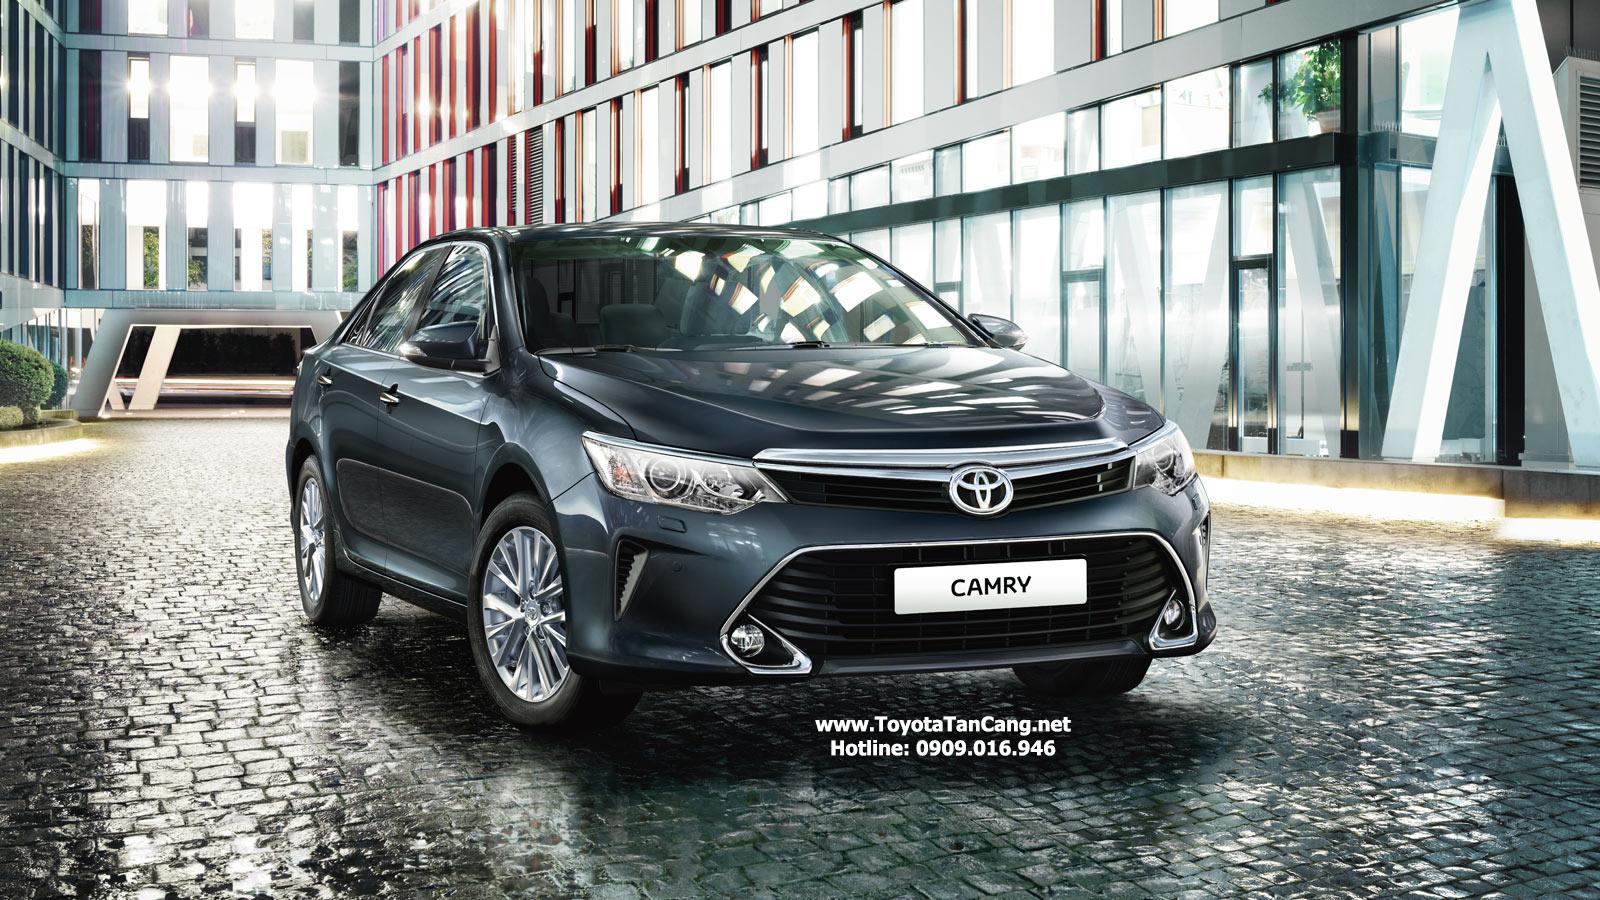 toyota camry 2015 toyota tan cang 10 -  - Với chỉ 400 triệu đồng có thể mua Xe Toyota Camry 2015 ?